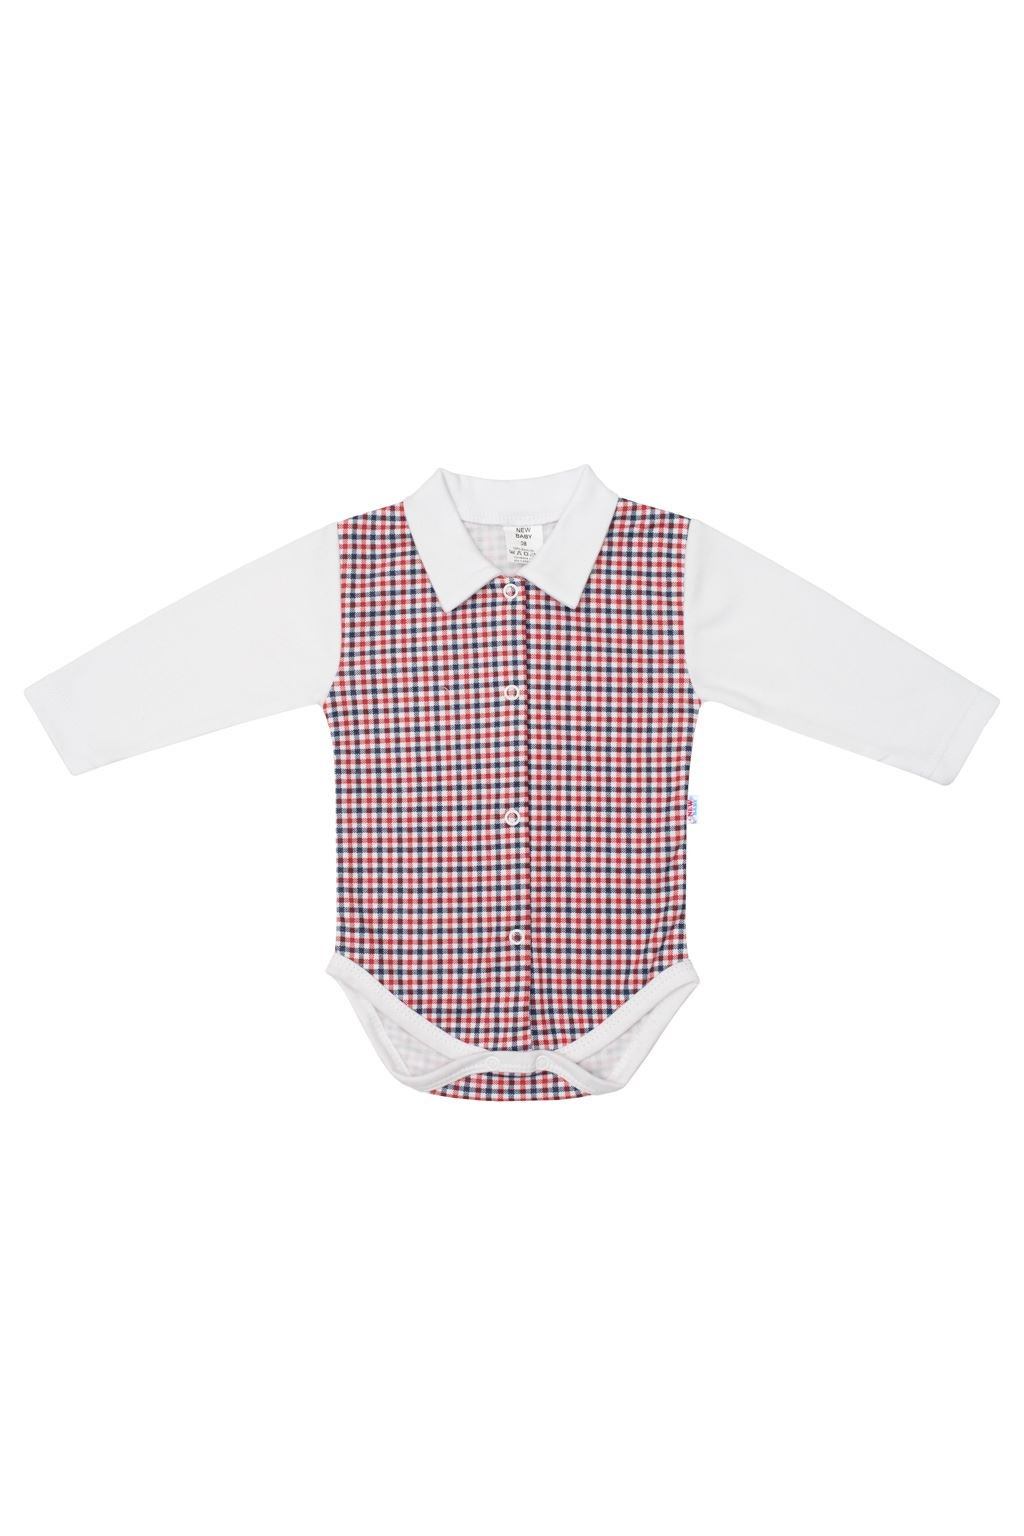 Dojčenské celorozopínacie Polo body New Baby Checkered biele